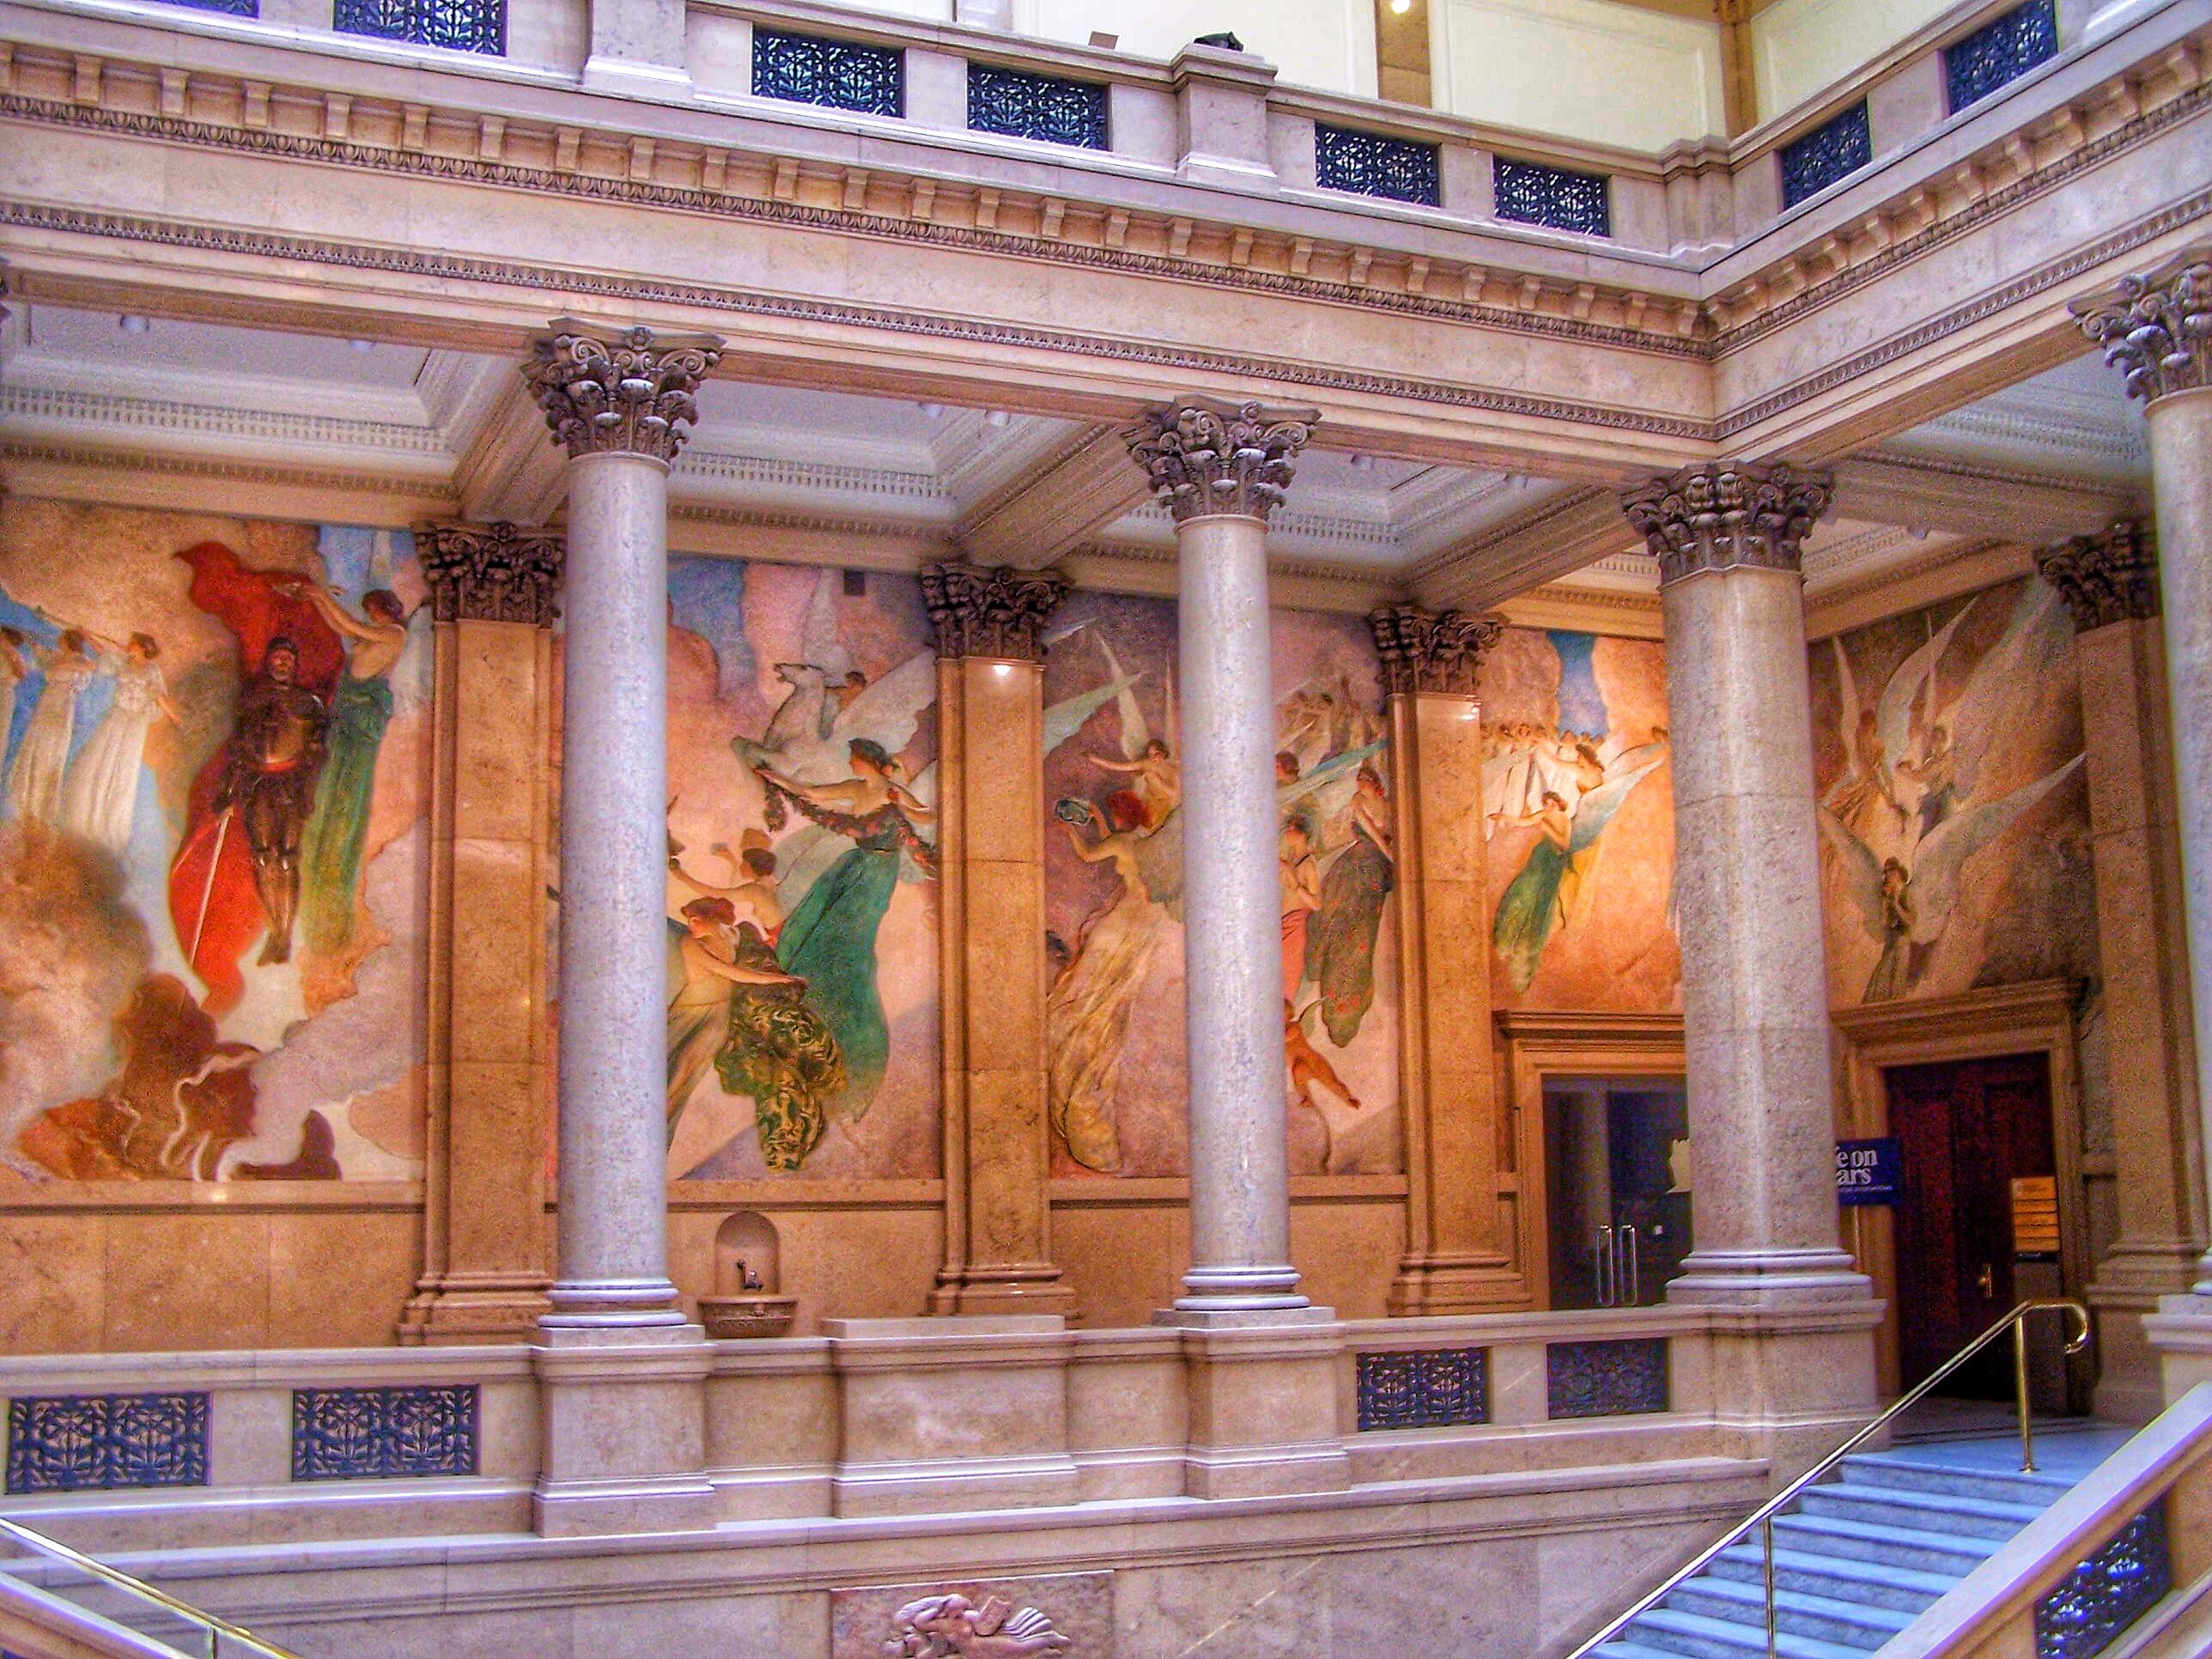 Innenarchitektur Geschichte hintergrundbilder weiß alt die architektur gebäude historisch